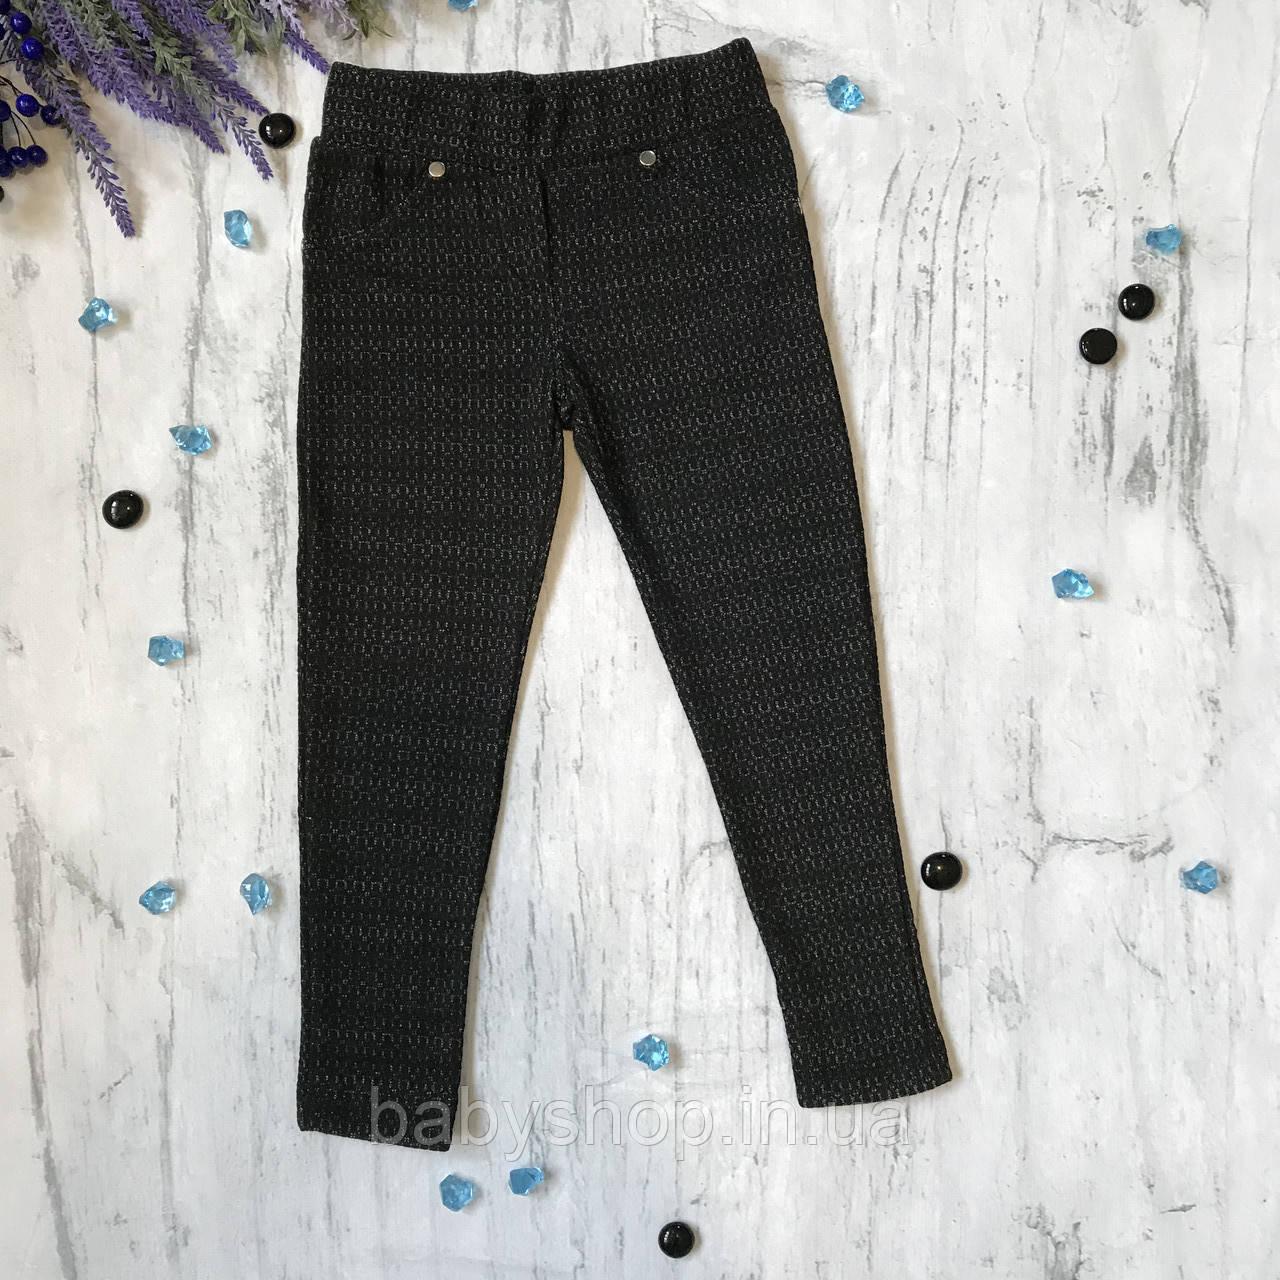 Штани на дівчинку Breeze 2. Розміри 110 см, 116 см, 134 см, 164 см